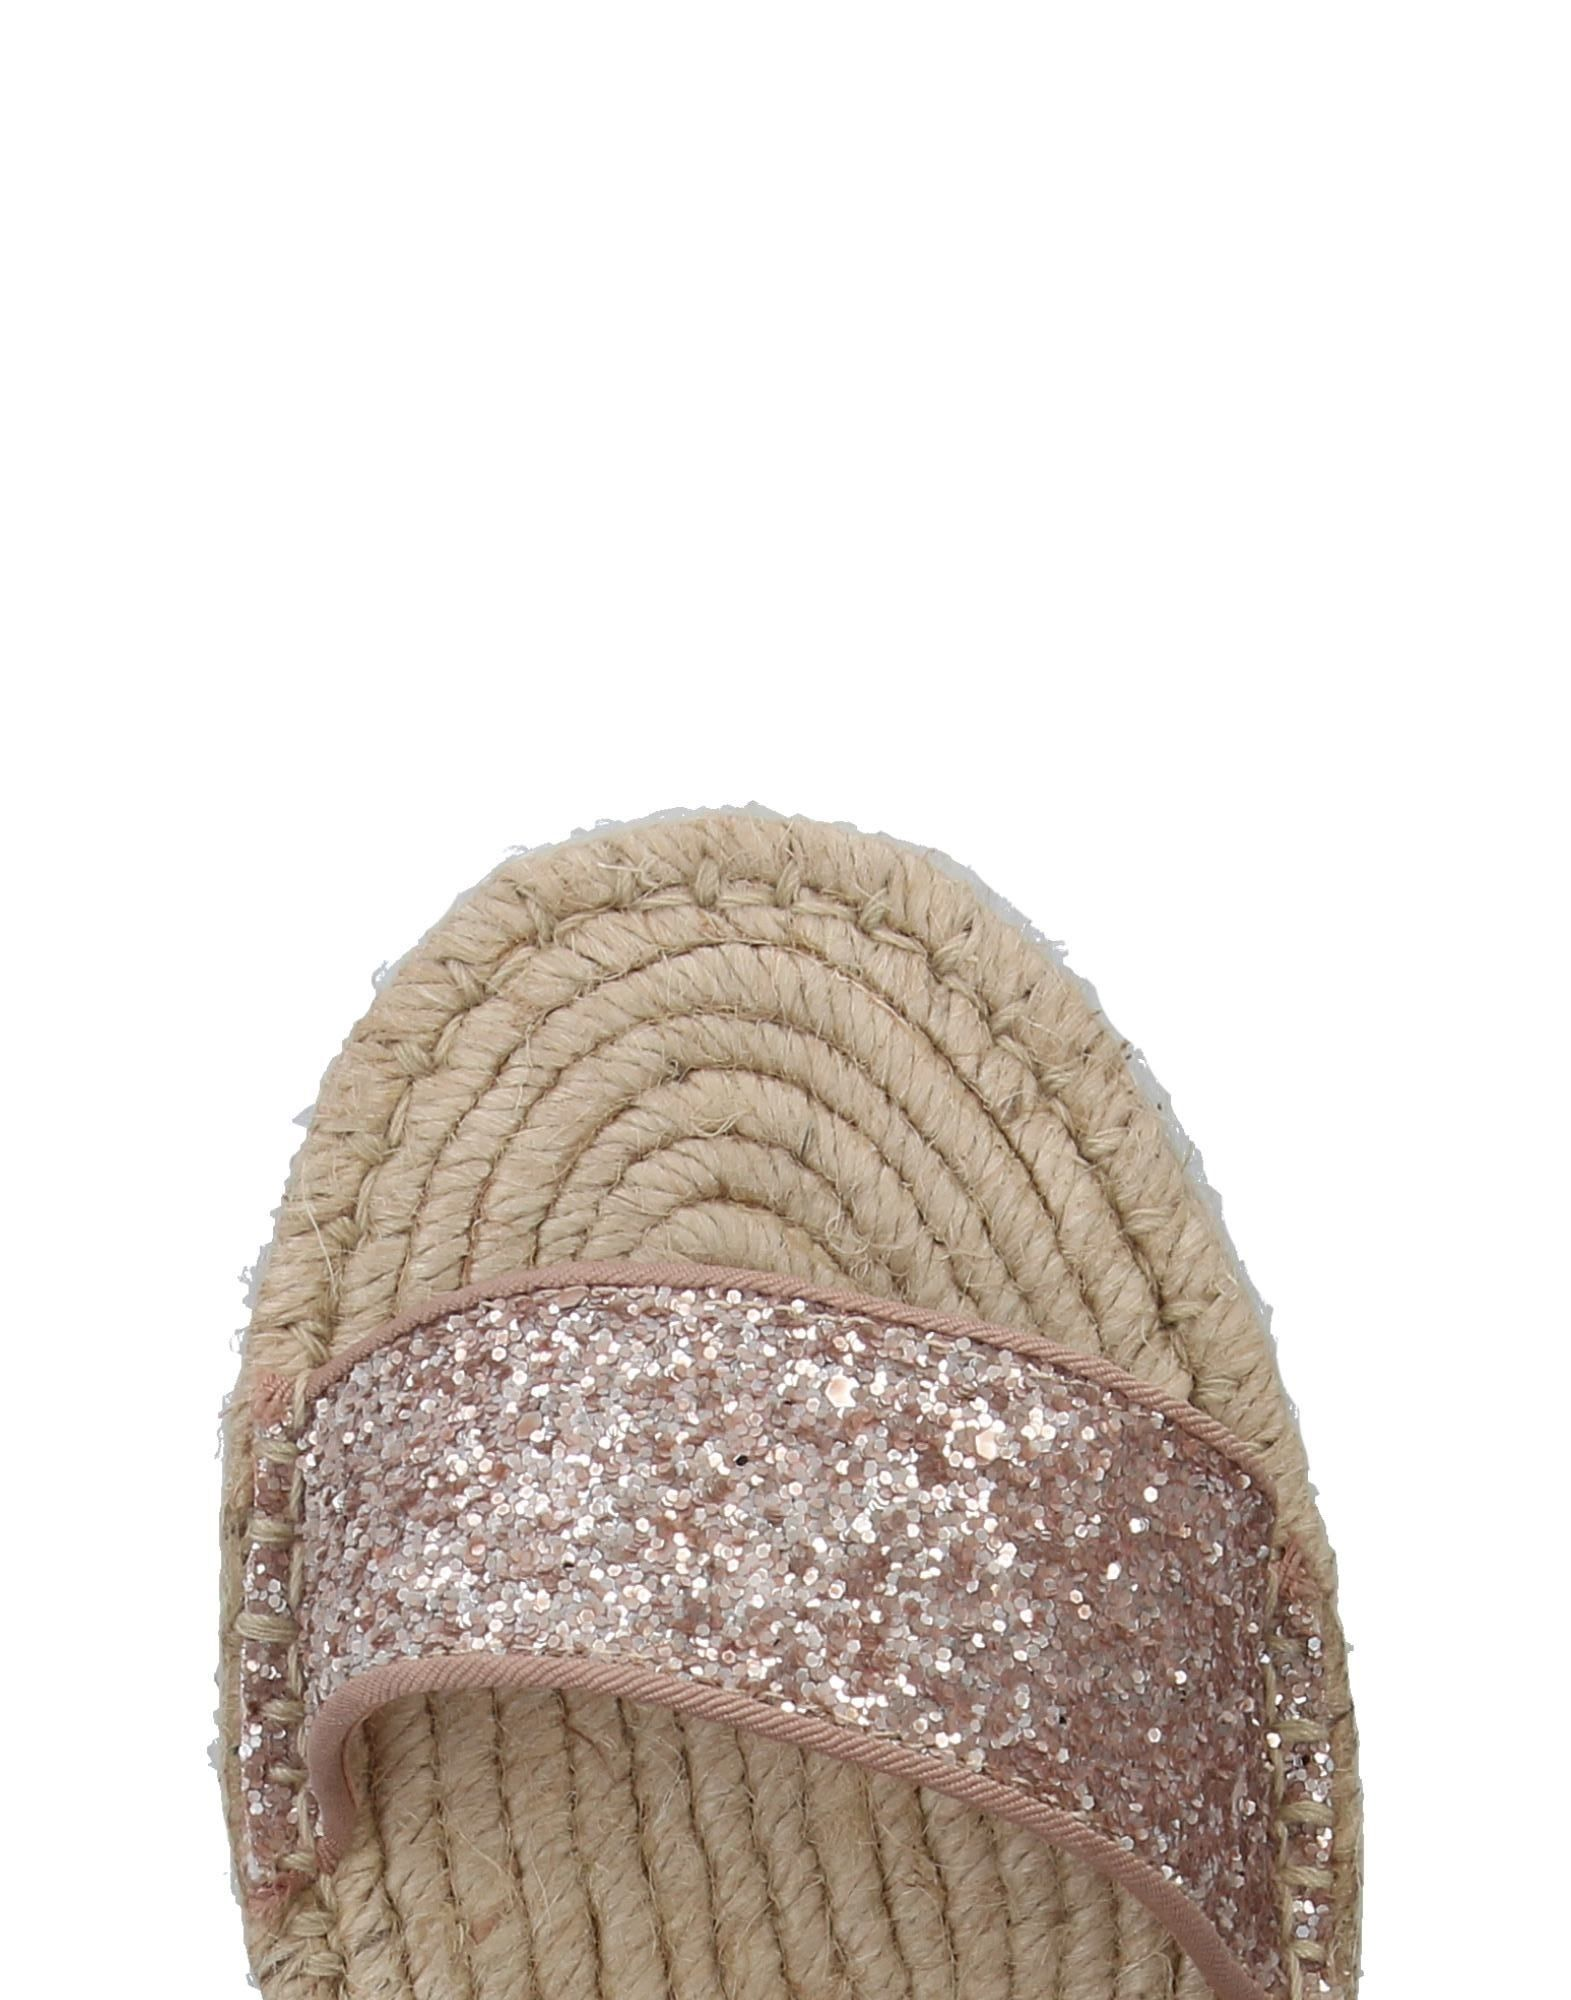 Bibi beliebte Lou Sandalen Damen  11345602VM Gute Qualität beliebte Bibi Schuhe 7ee413